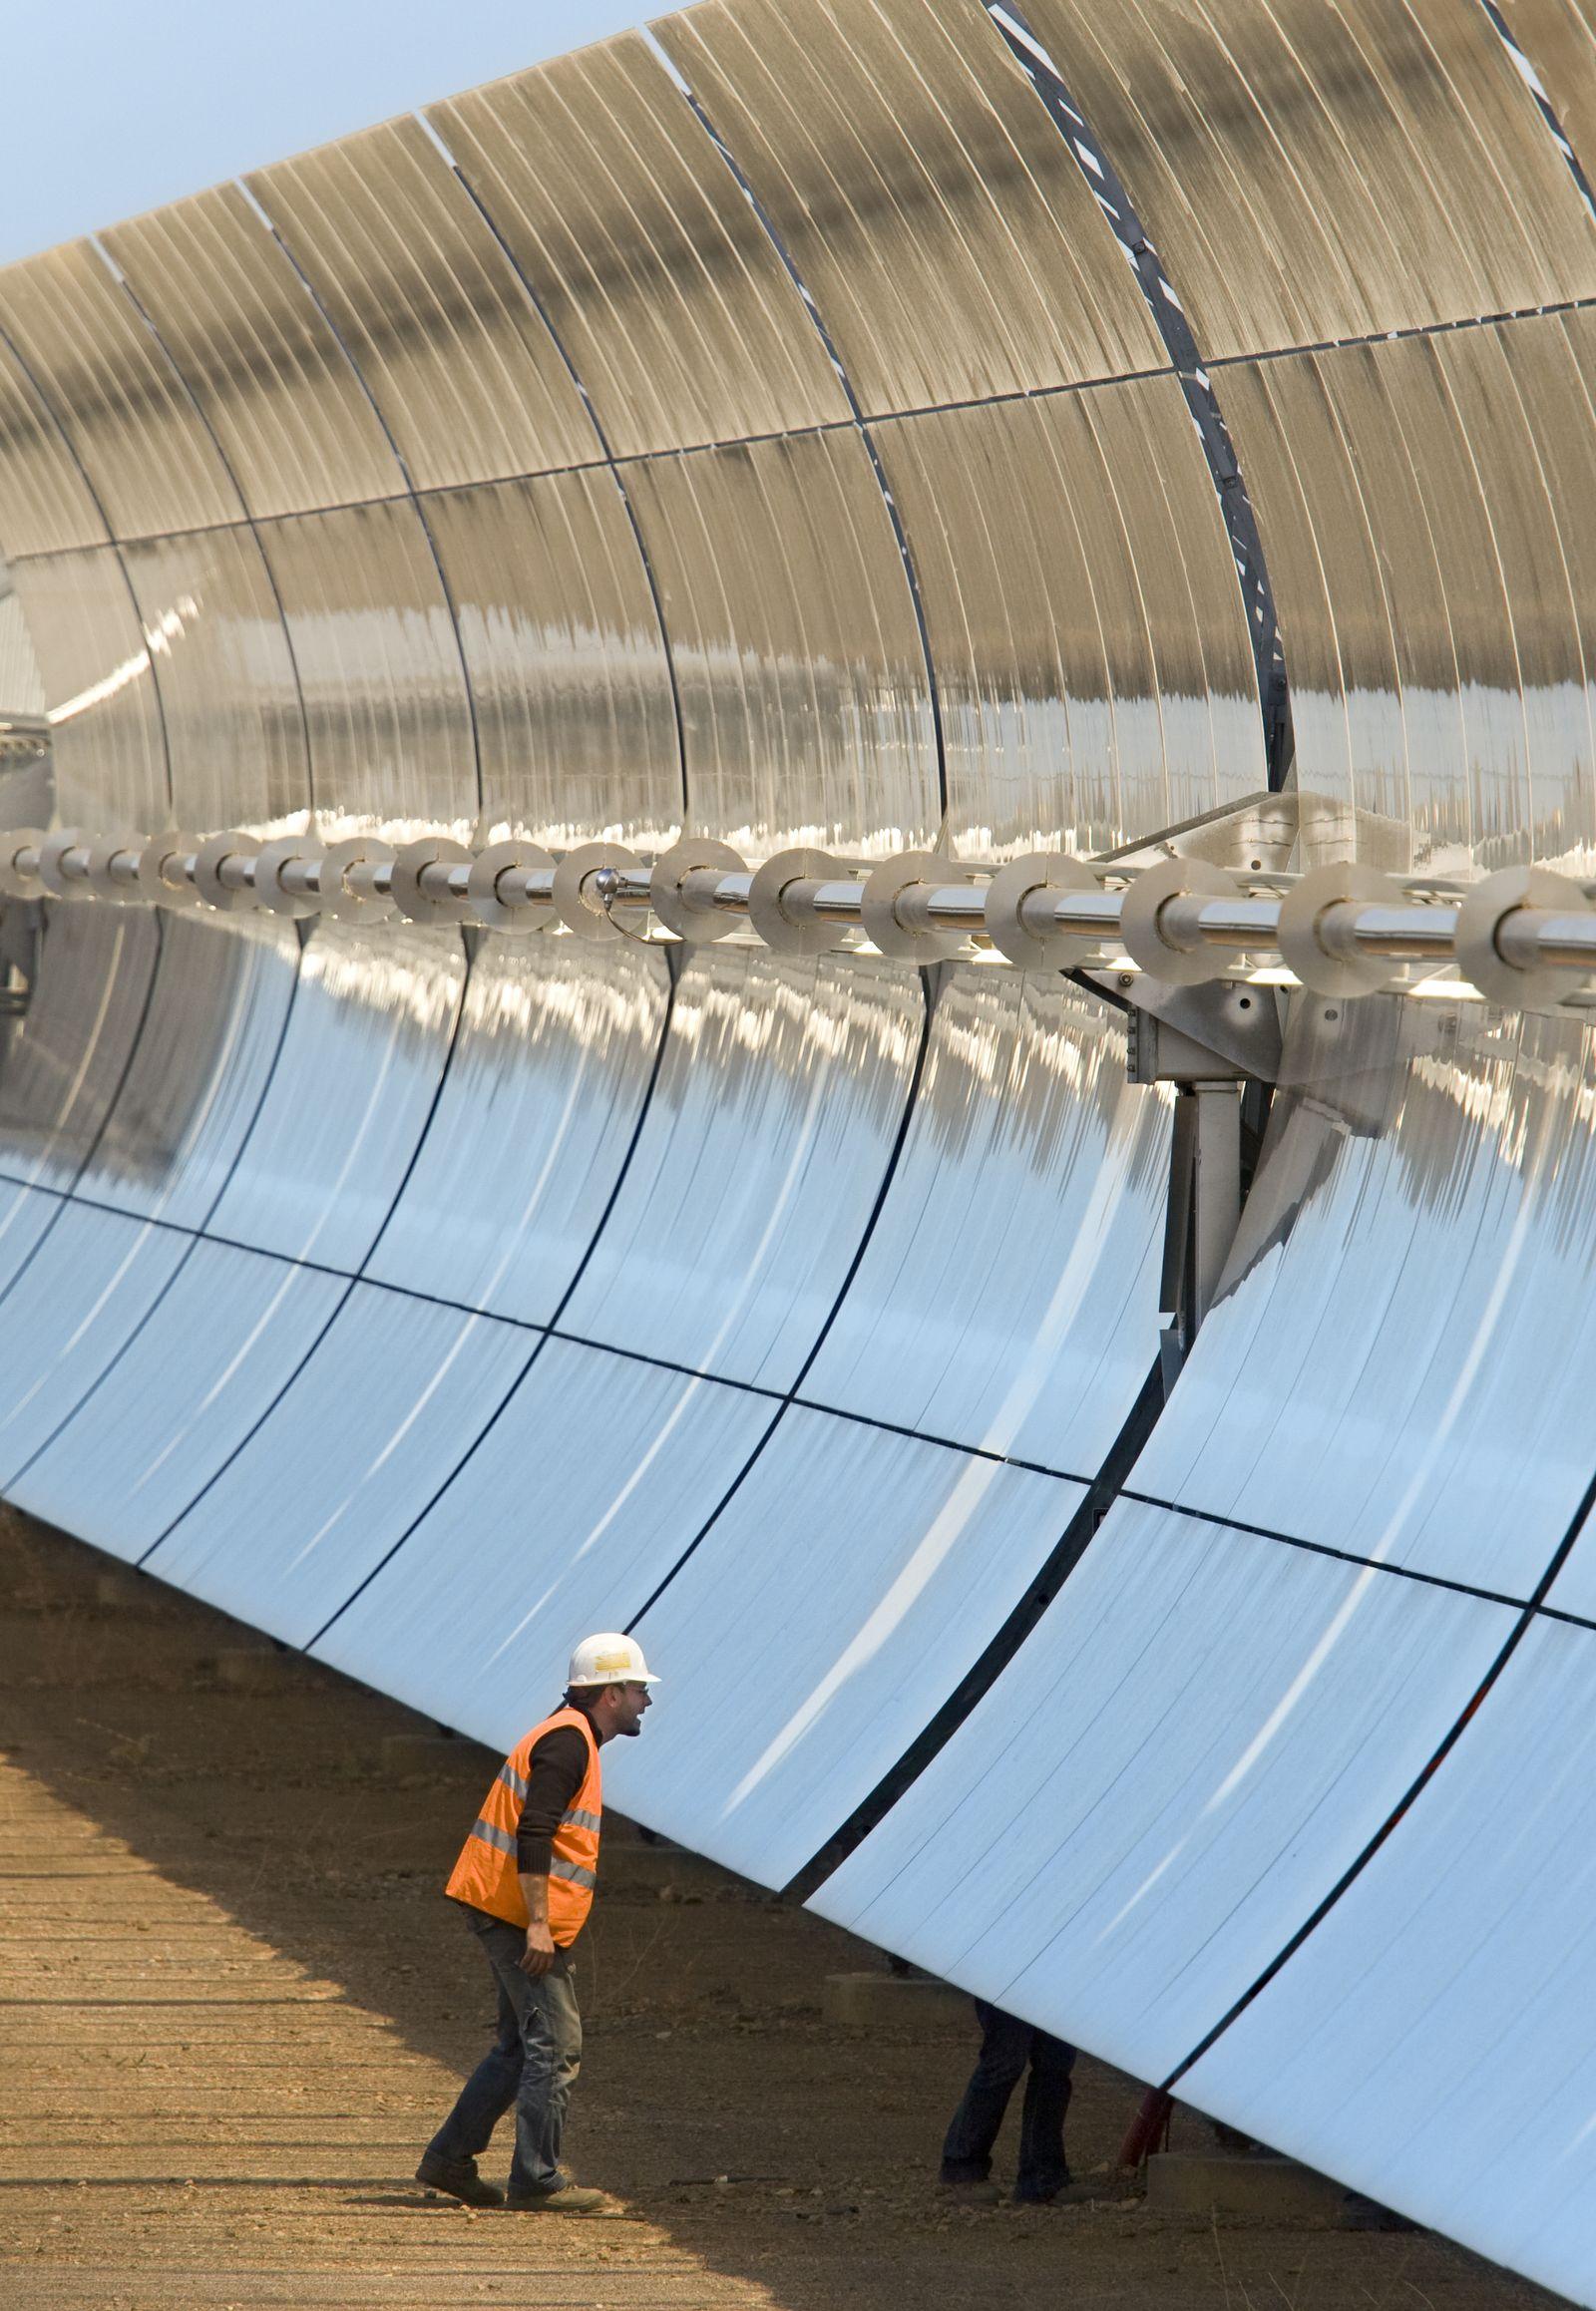 Solar Millennium AG / Spanien / Probebetrieb auf Baustelle Solarthermisches Parabolrinnenkraftwerk